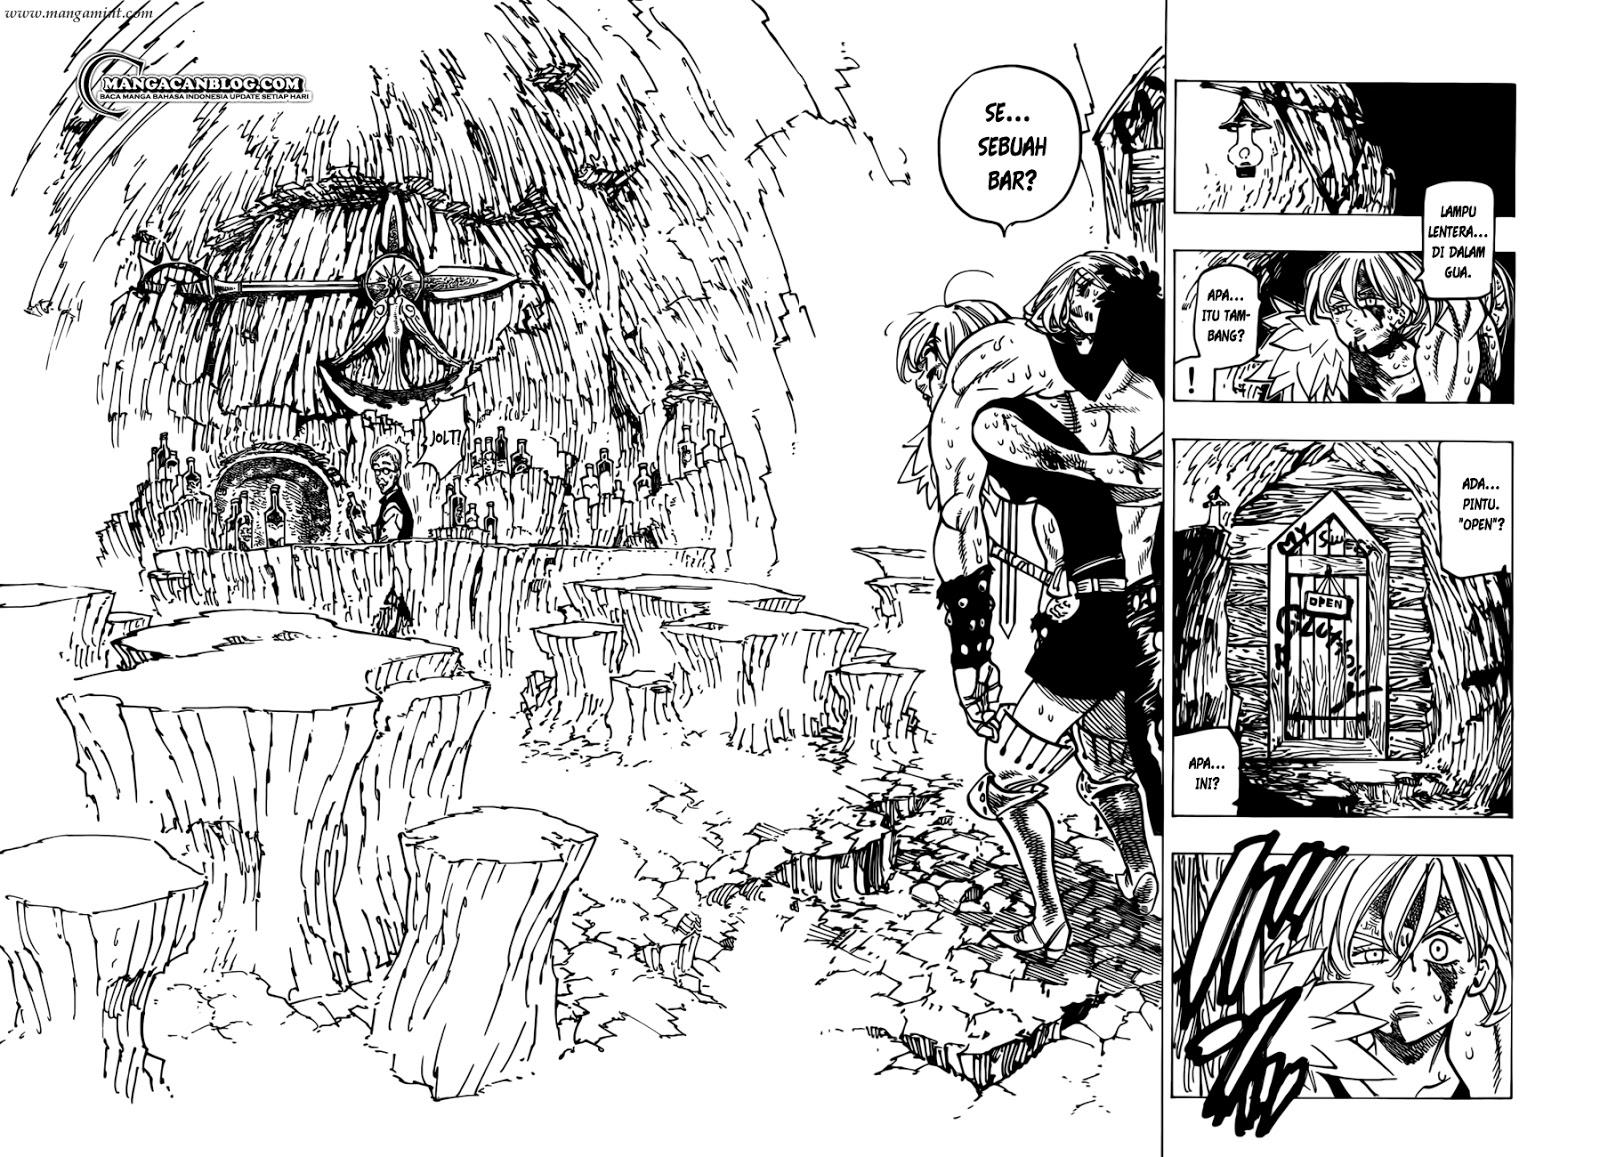 Komik nanatsu no taizai 147 - kematian mengerjar 148 Indonesia nanatsu no taizai 147 - kematian mengerjar Terbaru 18 Baca Manga Komik Indonesia